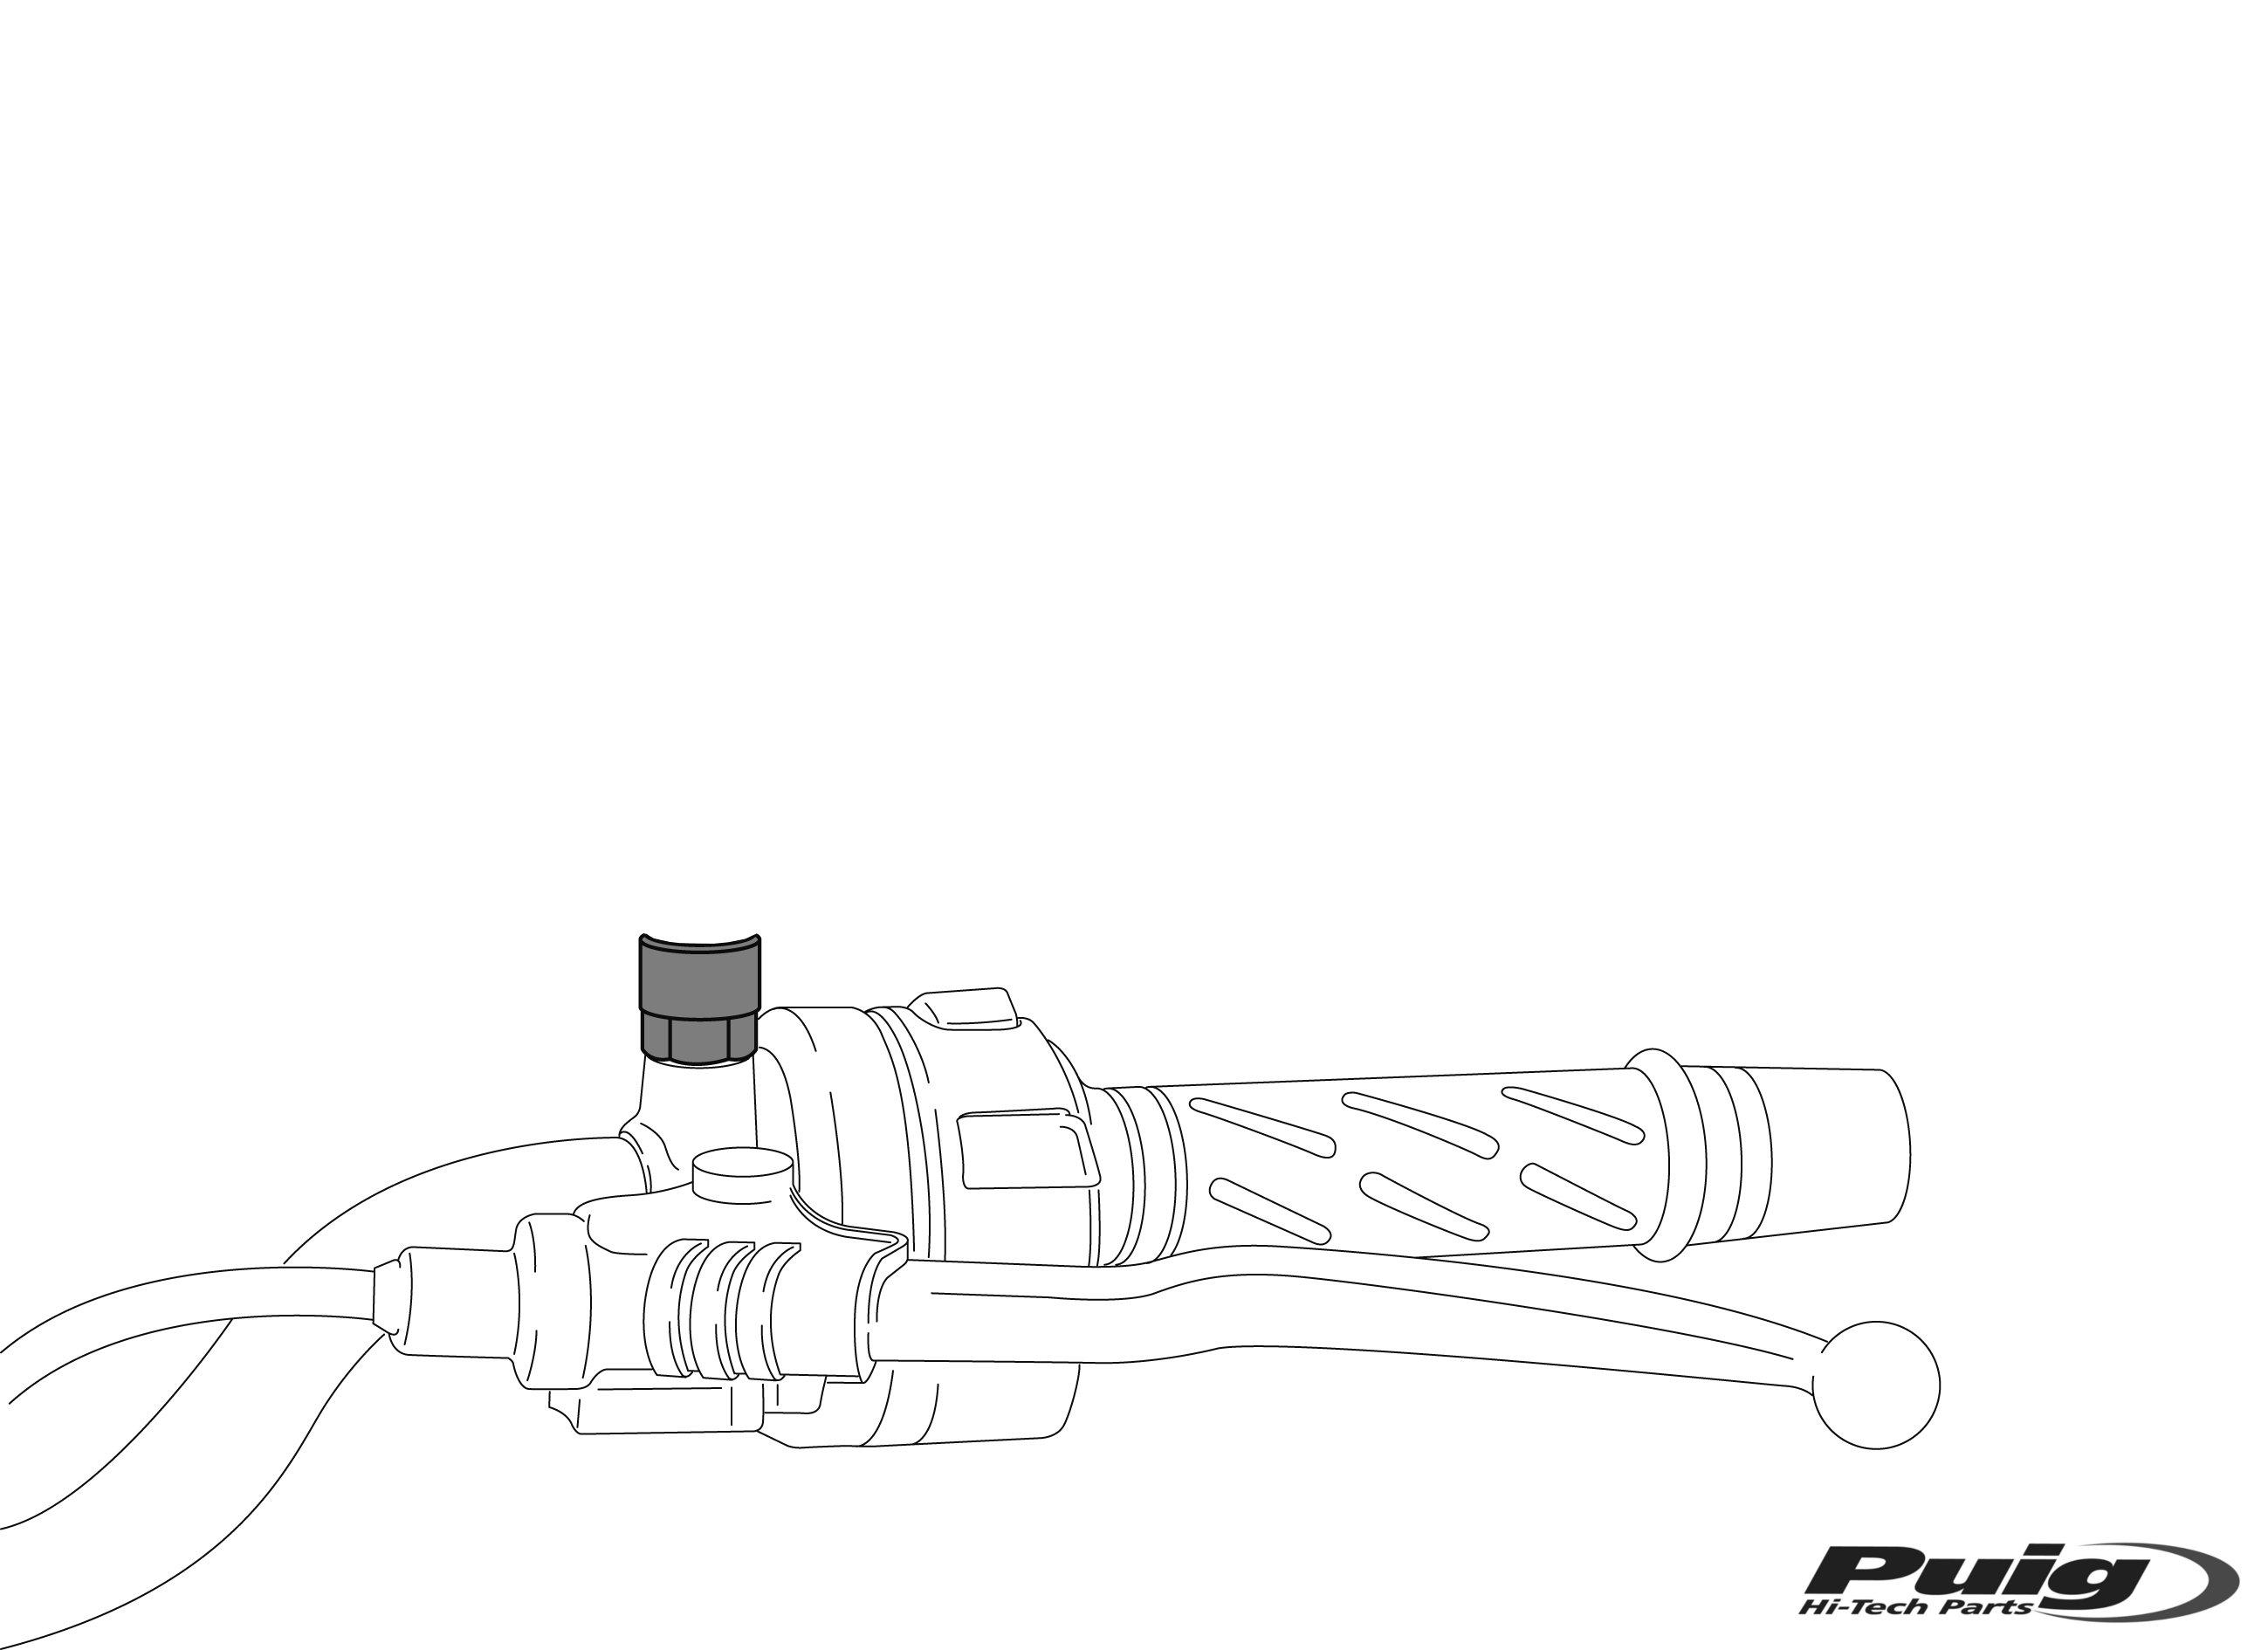 Adaptador retrovisor al pie de carenado Puig 9573N lado izquierdo para Yamaha T-Max 530 12-17